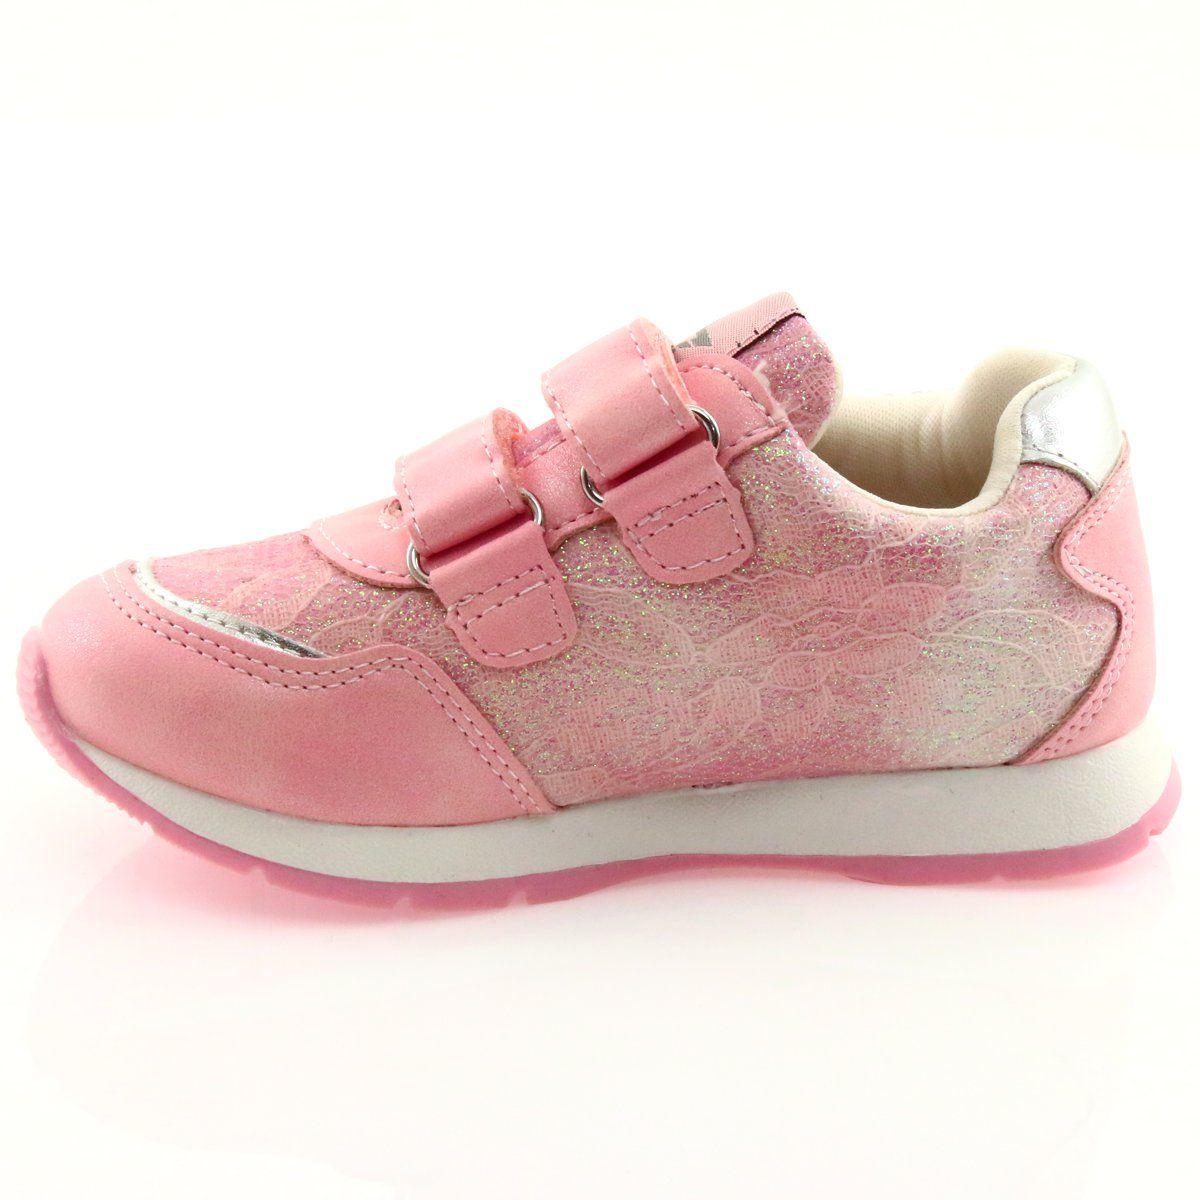 Buty Sportowe Dzieciece Dla Dzieci Americanclub Buty Sportowe Wkladka Skora American Club Gc11 Rozowe Shoes Kid Shoes Sport Shoes